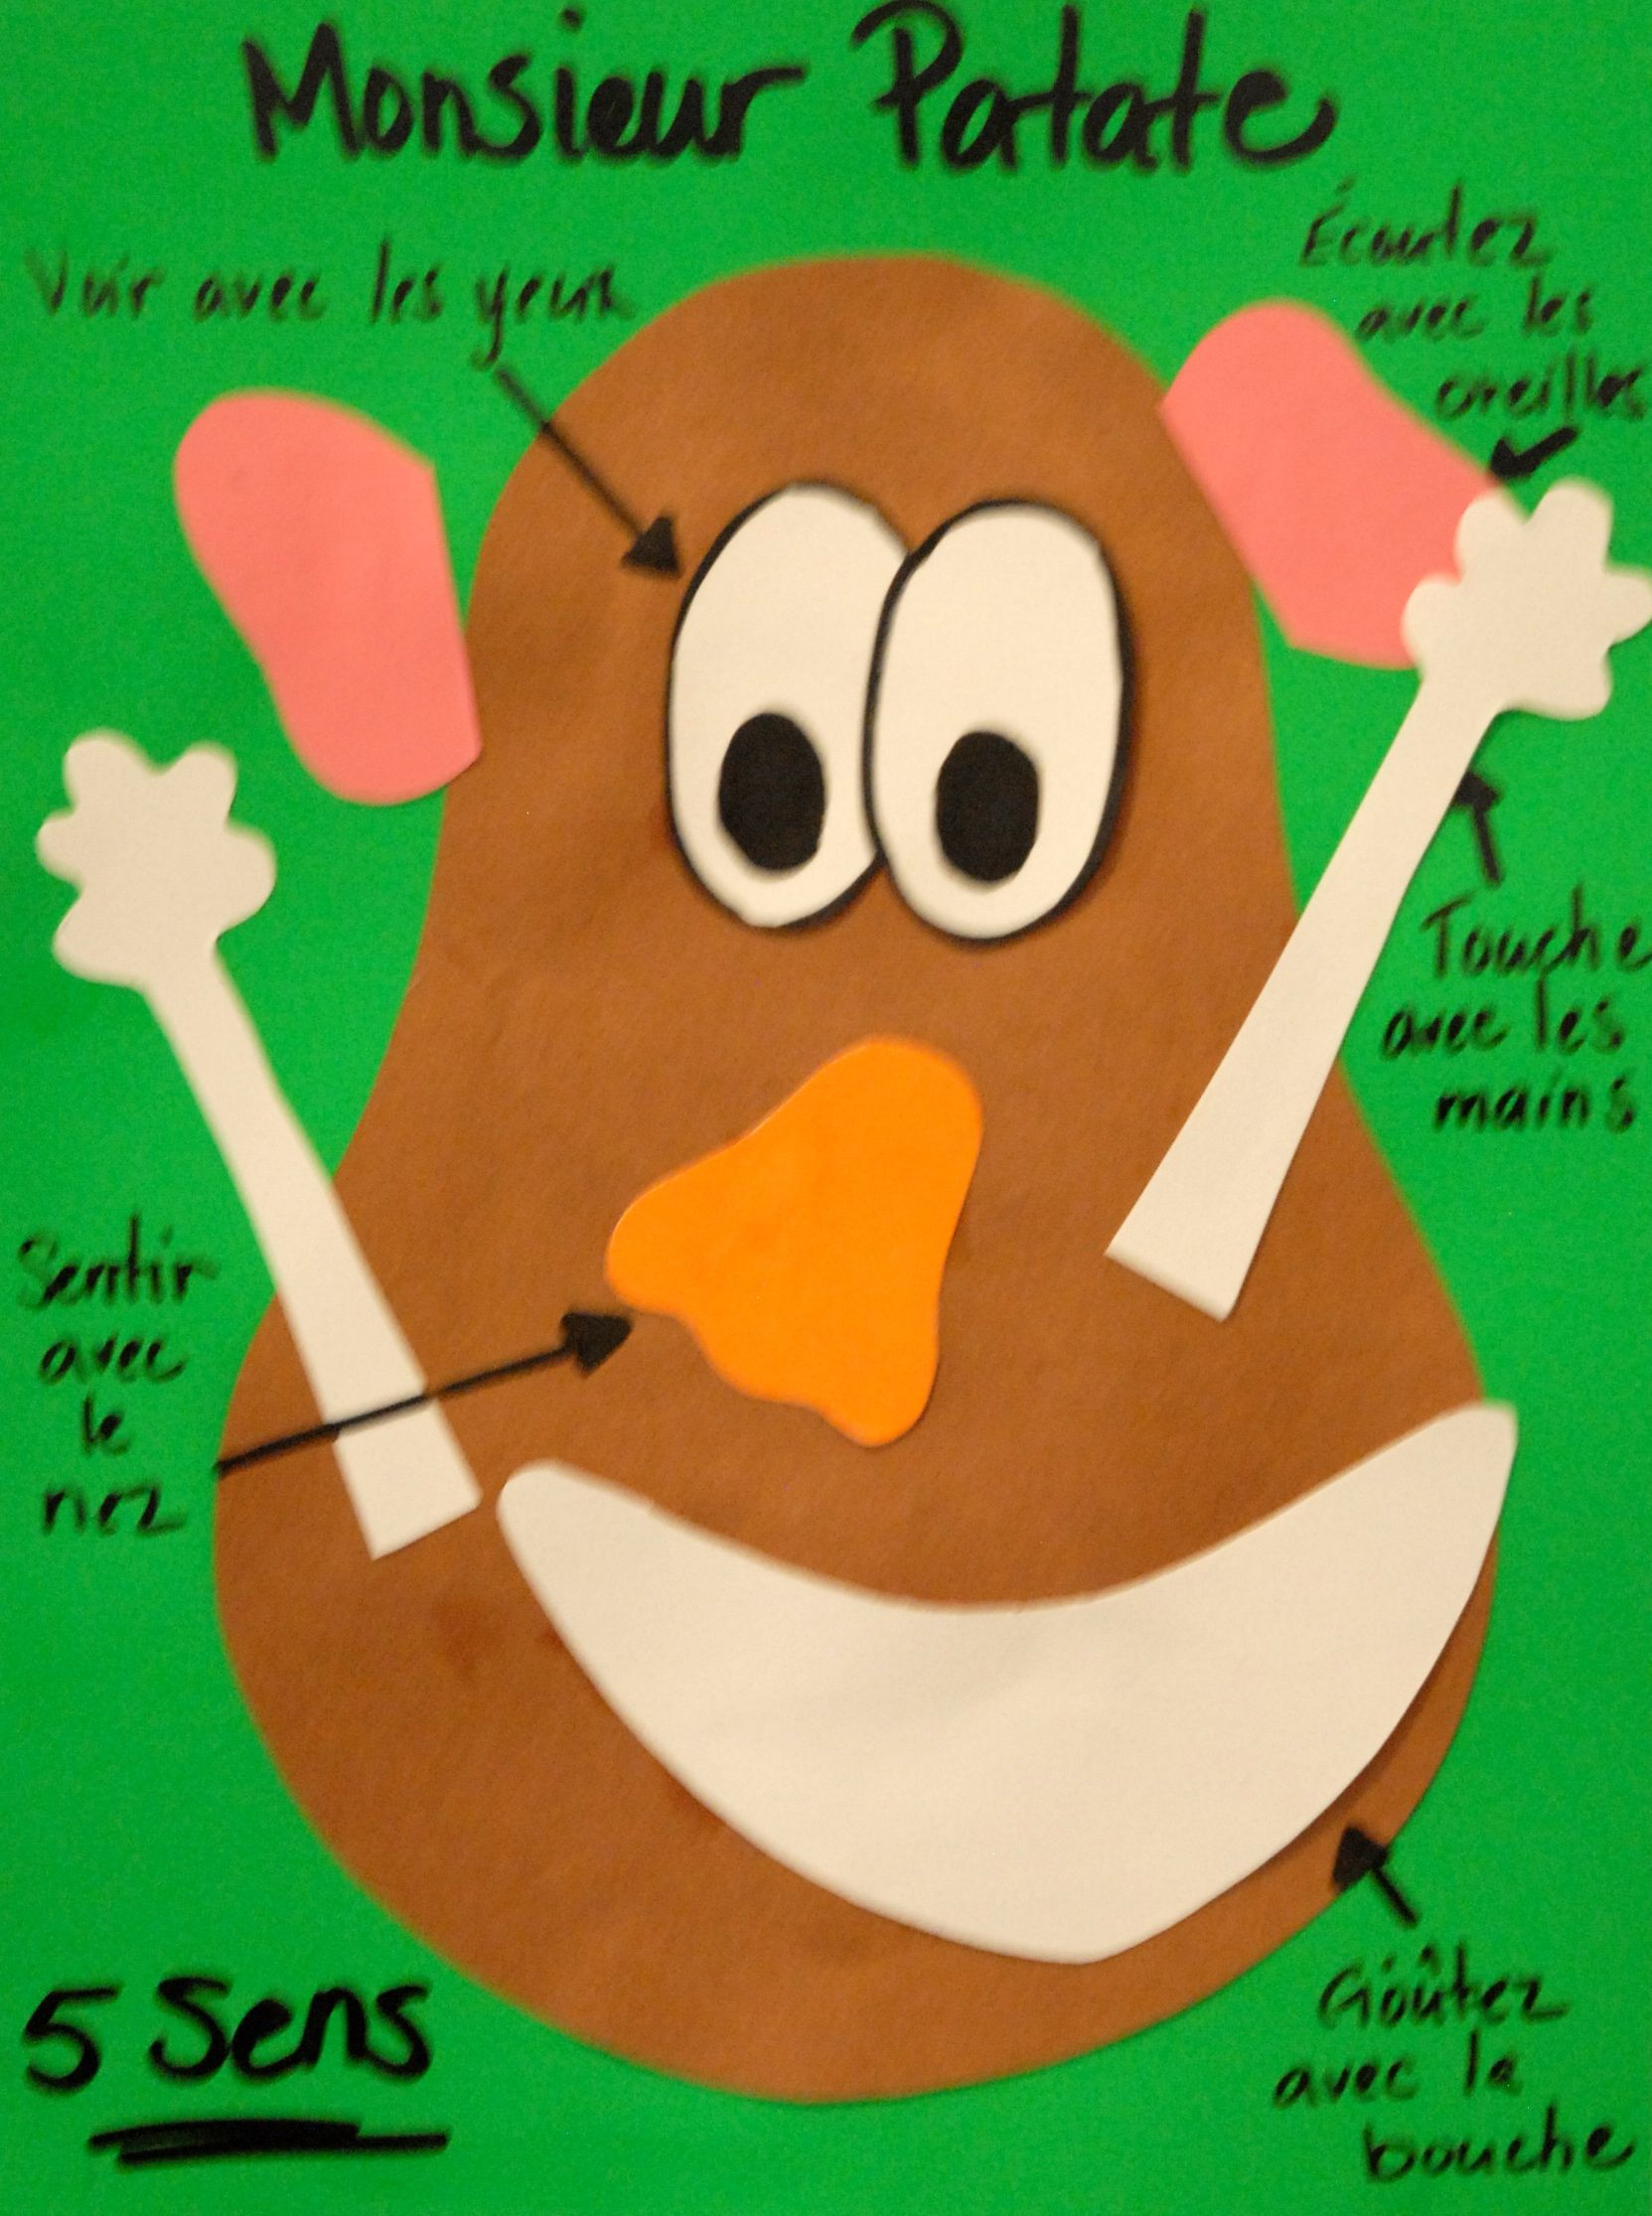 Mr. Po Head's 5 Senses-Monsieur Patate | 5 Sens encequiconcerne Les 5 Sens Activités Maternelle